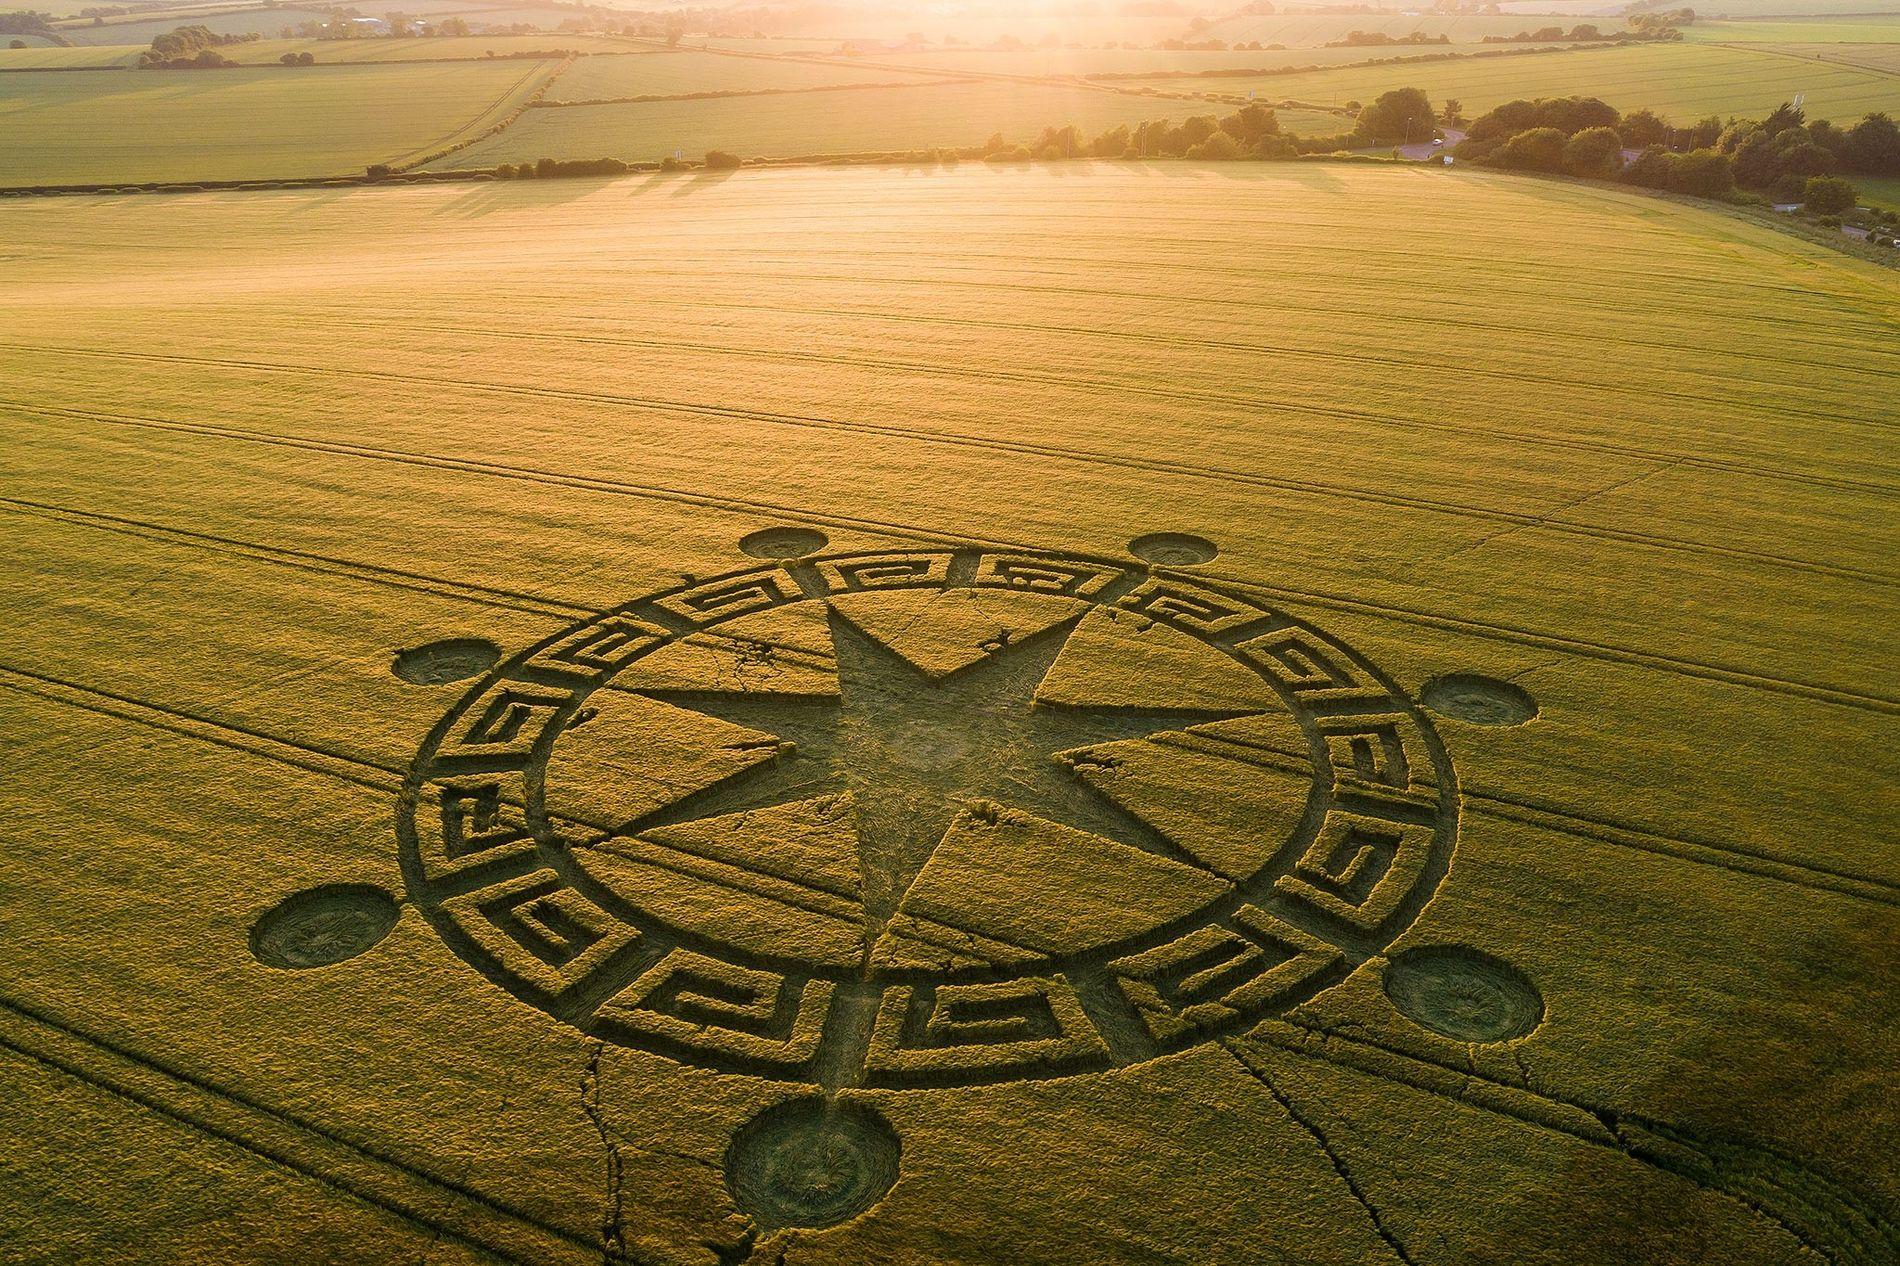 Angleterre : le mystère des agroglyphes